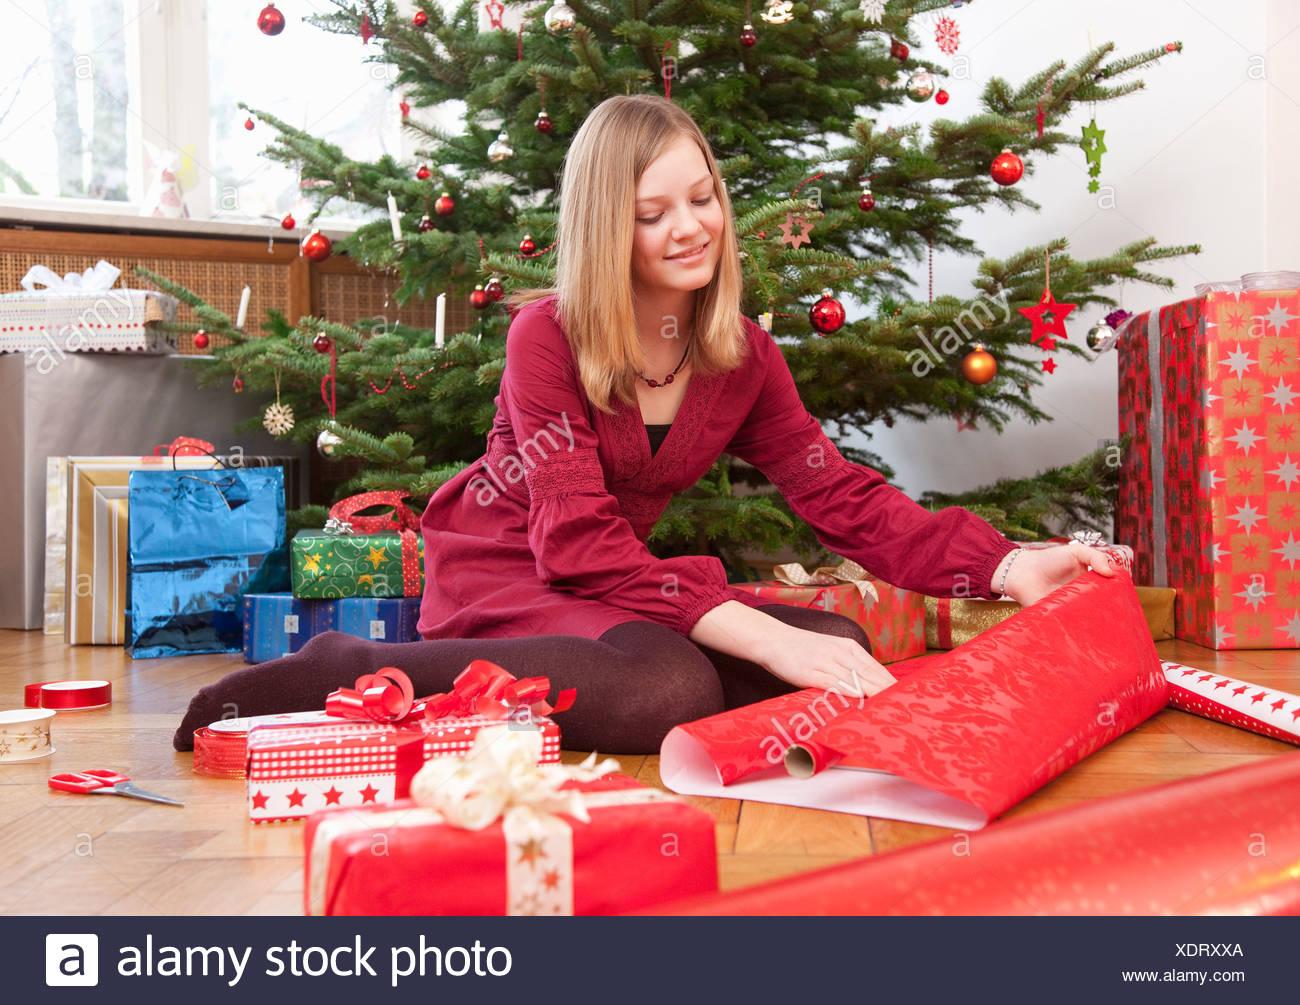 Regali Di Natale Ragazza.Ragazza Impacchettare I Regali Di Natale Foto Immagine Stock